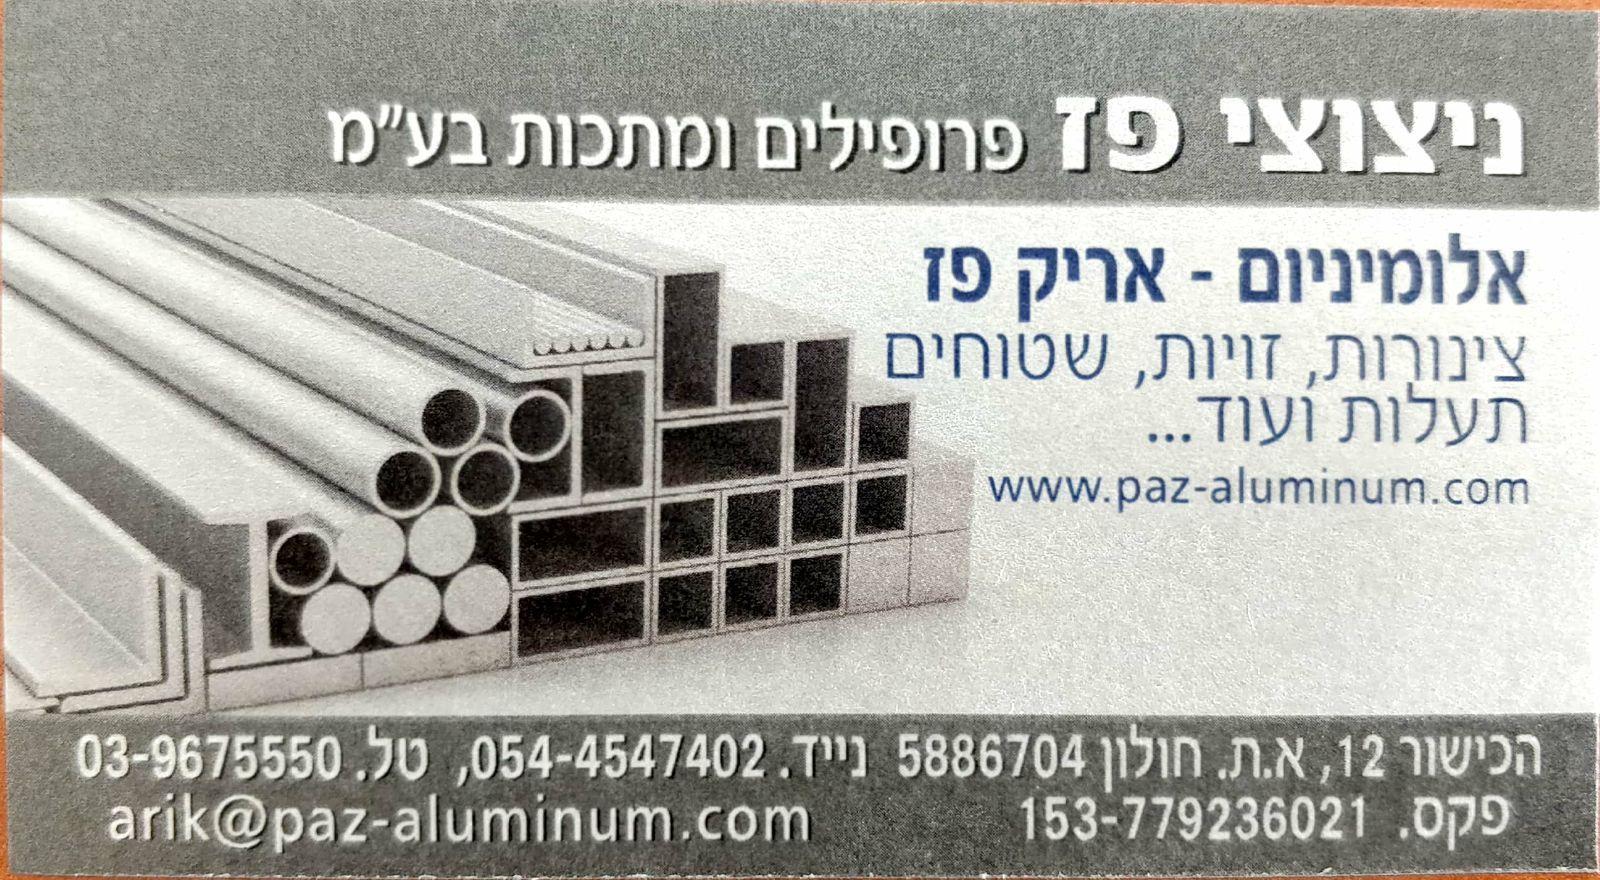 מכירת פרופילי אלומיניום זוויות שטוחים תעלות צינורות Aluminum